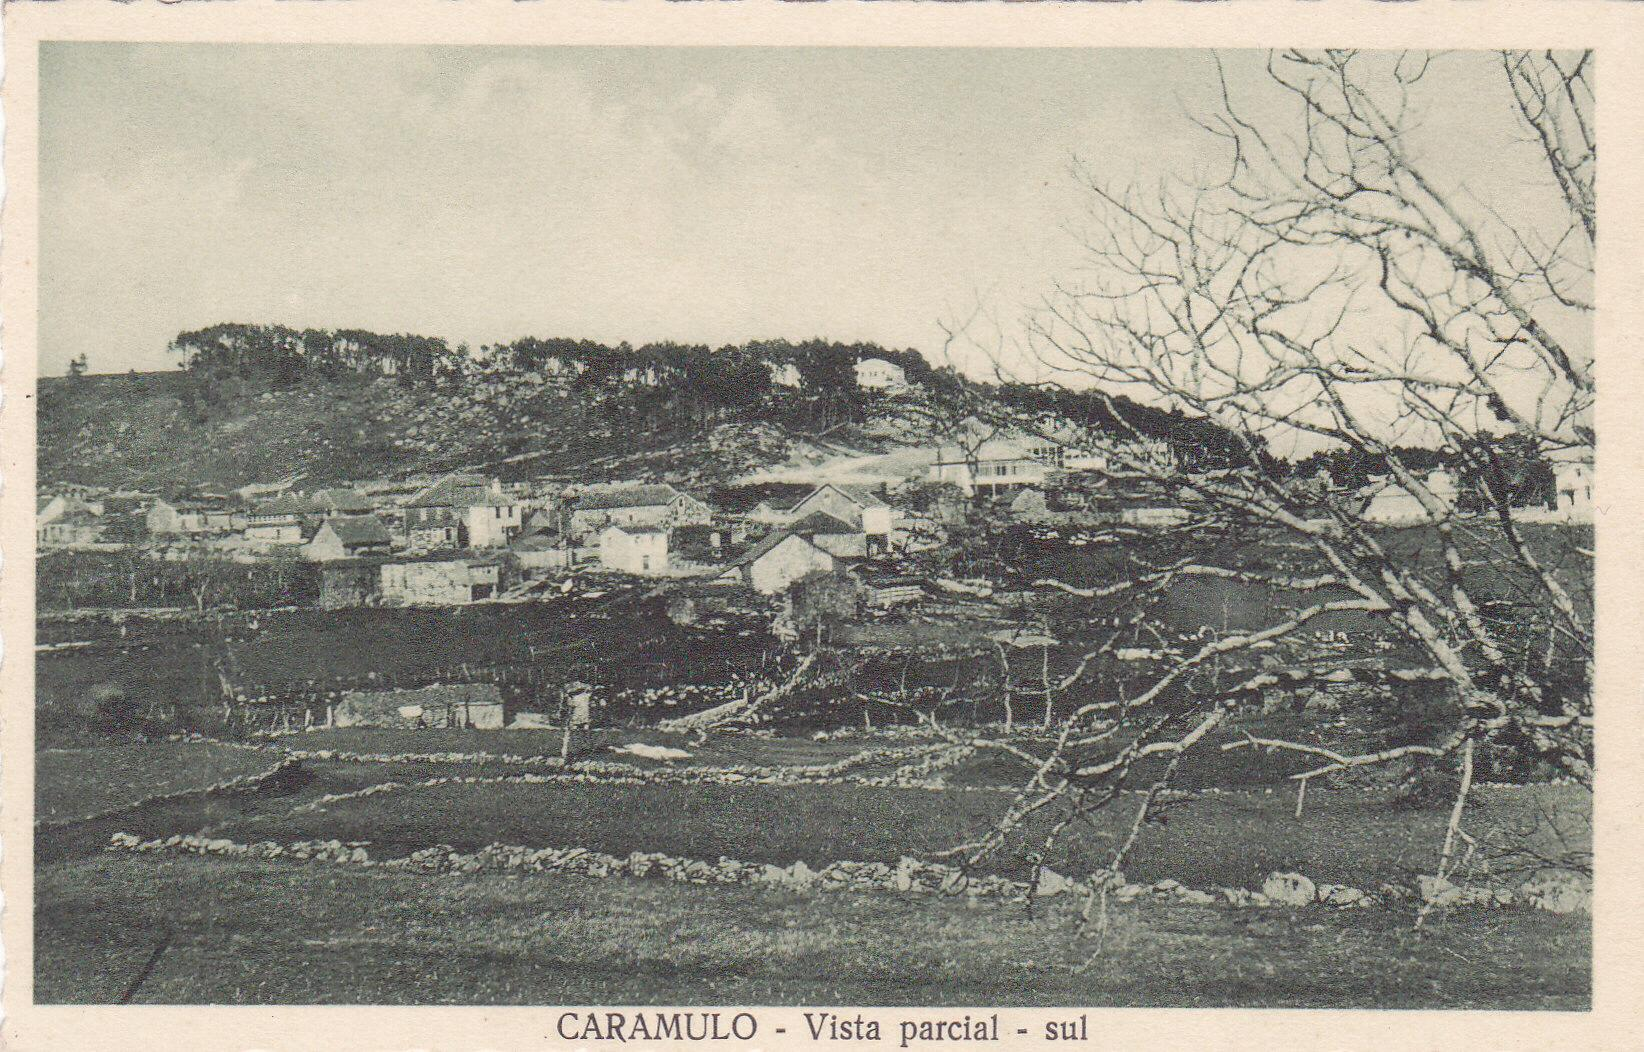 Caramulo vista parcial sul anos 30